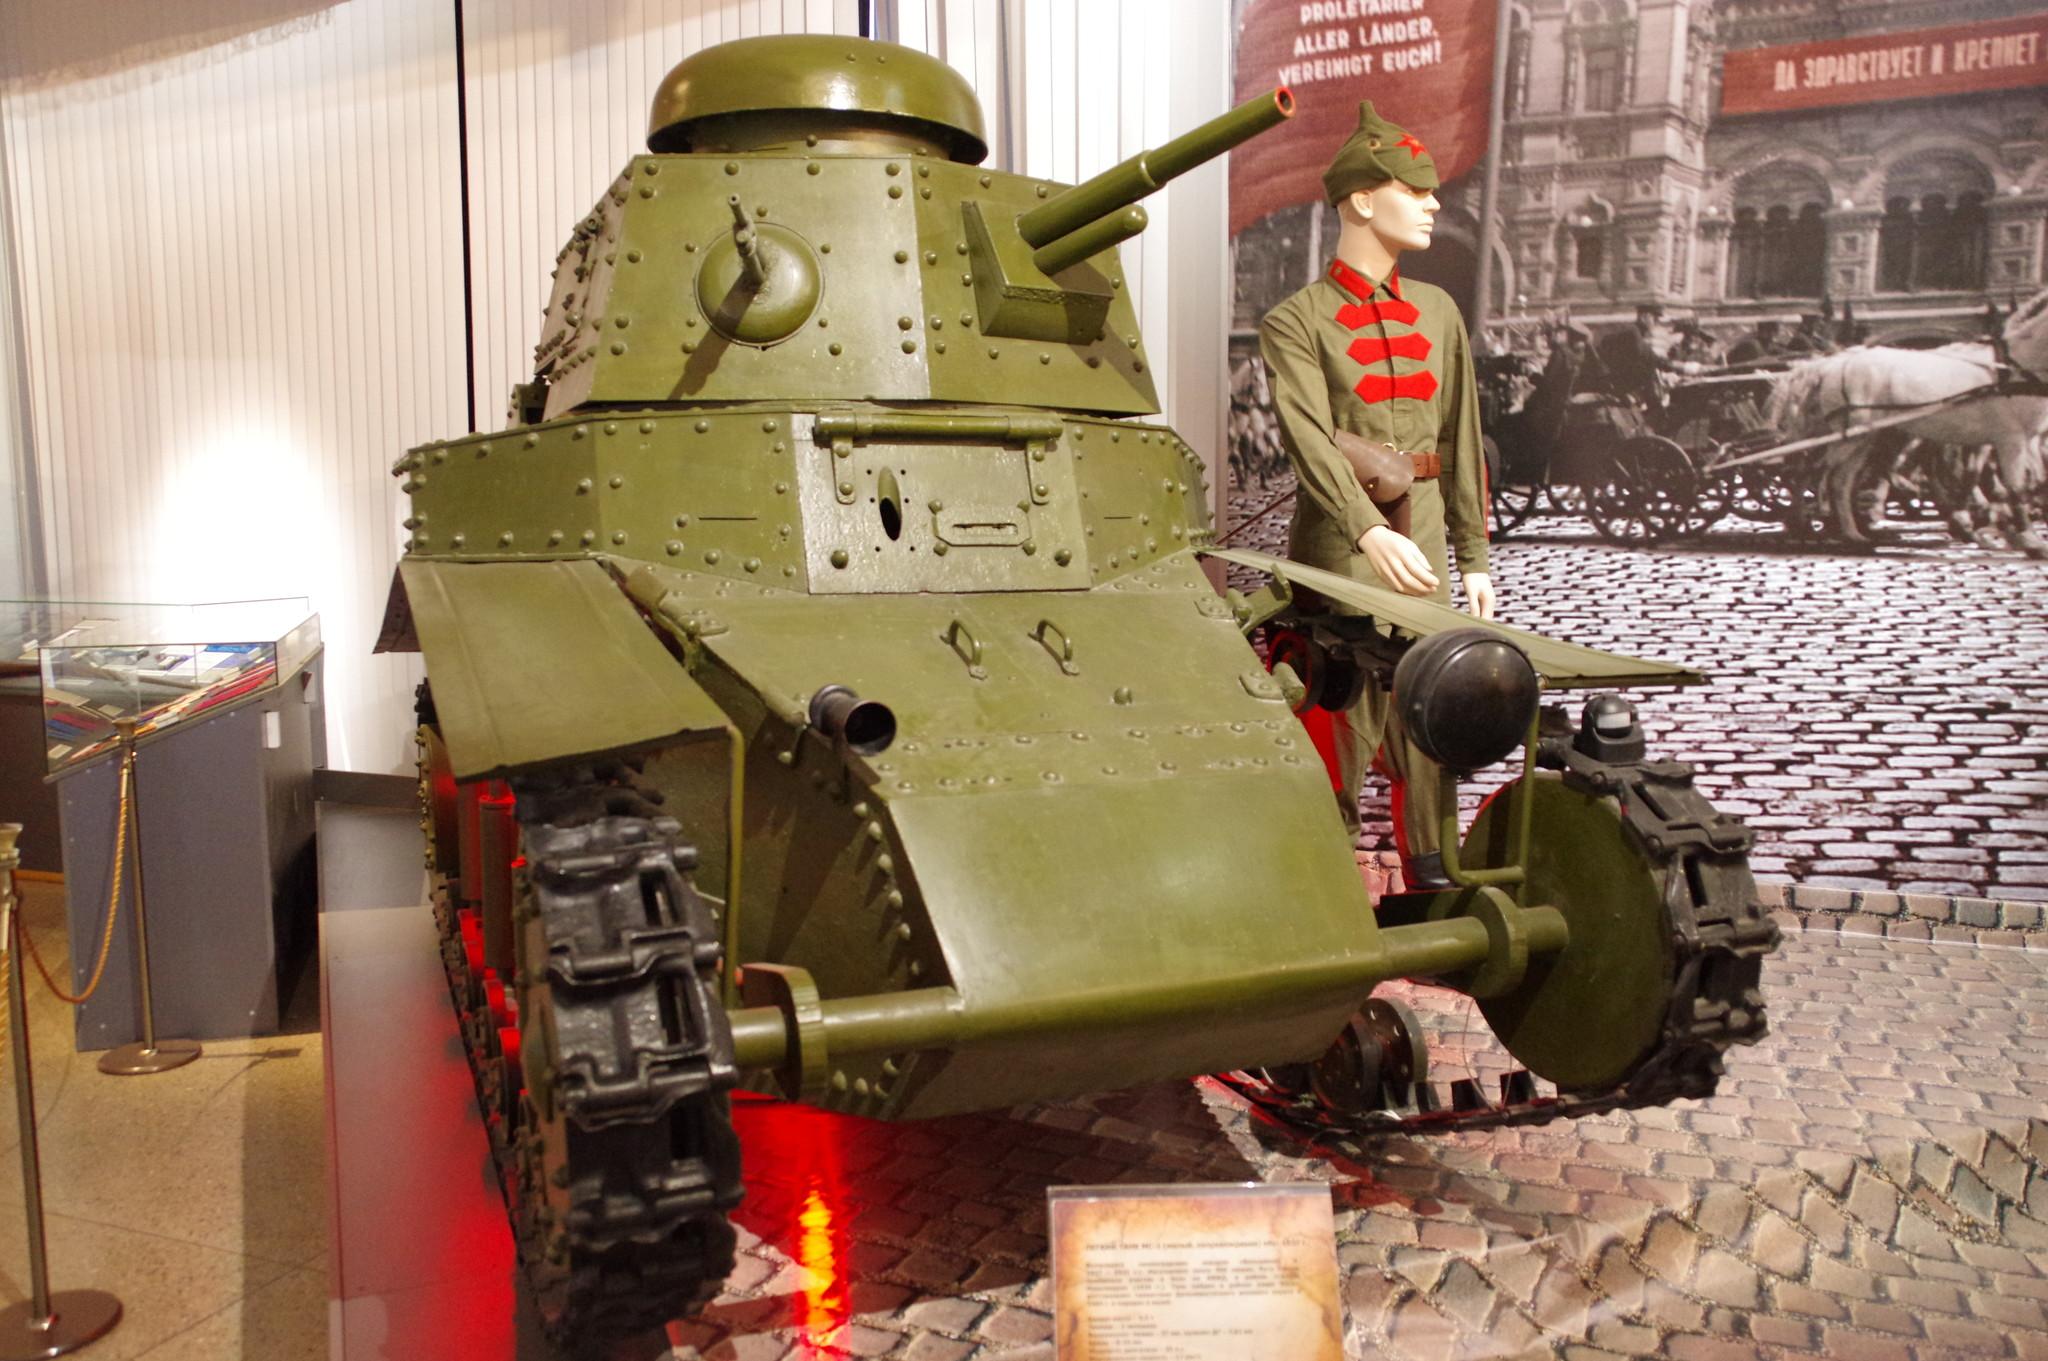 Лёгкий танк МС-1 (Т-18) в экспозиции Центрального музея Вооружённых сил Российской Федерации